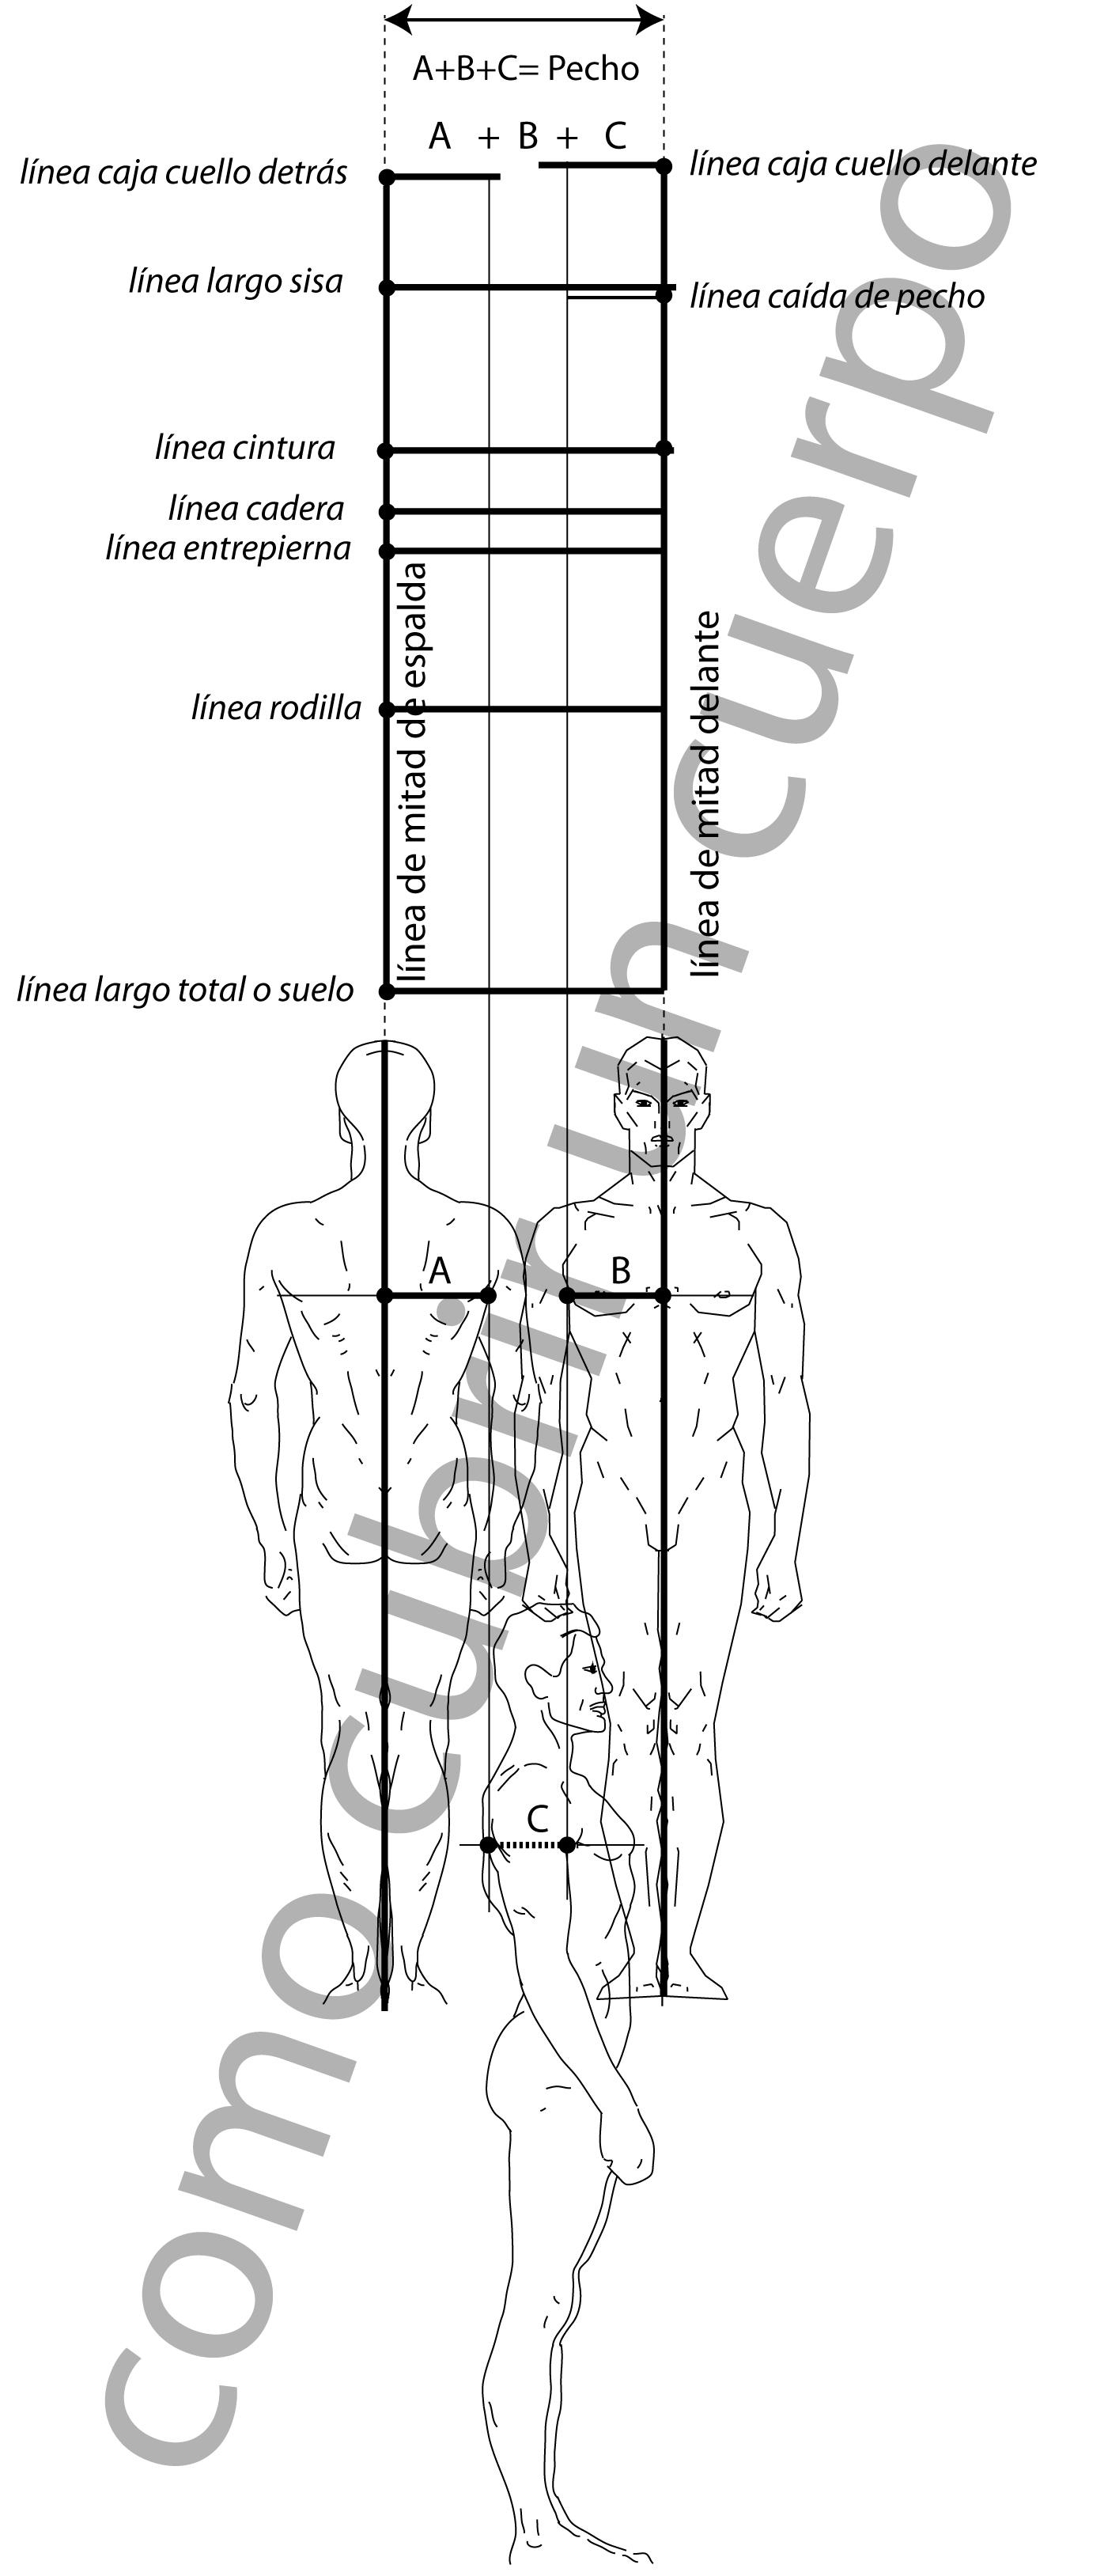 Contorno de pecho masculino | Cómo cubrir un cuerpo